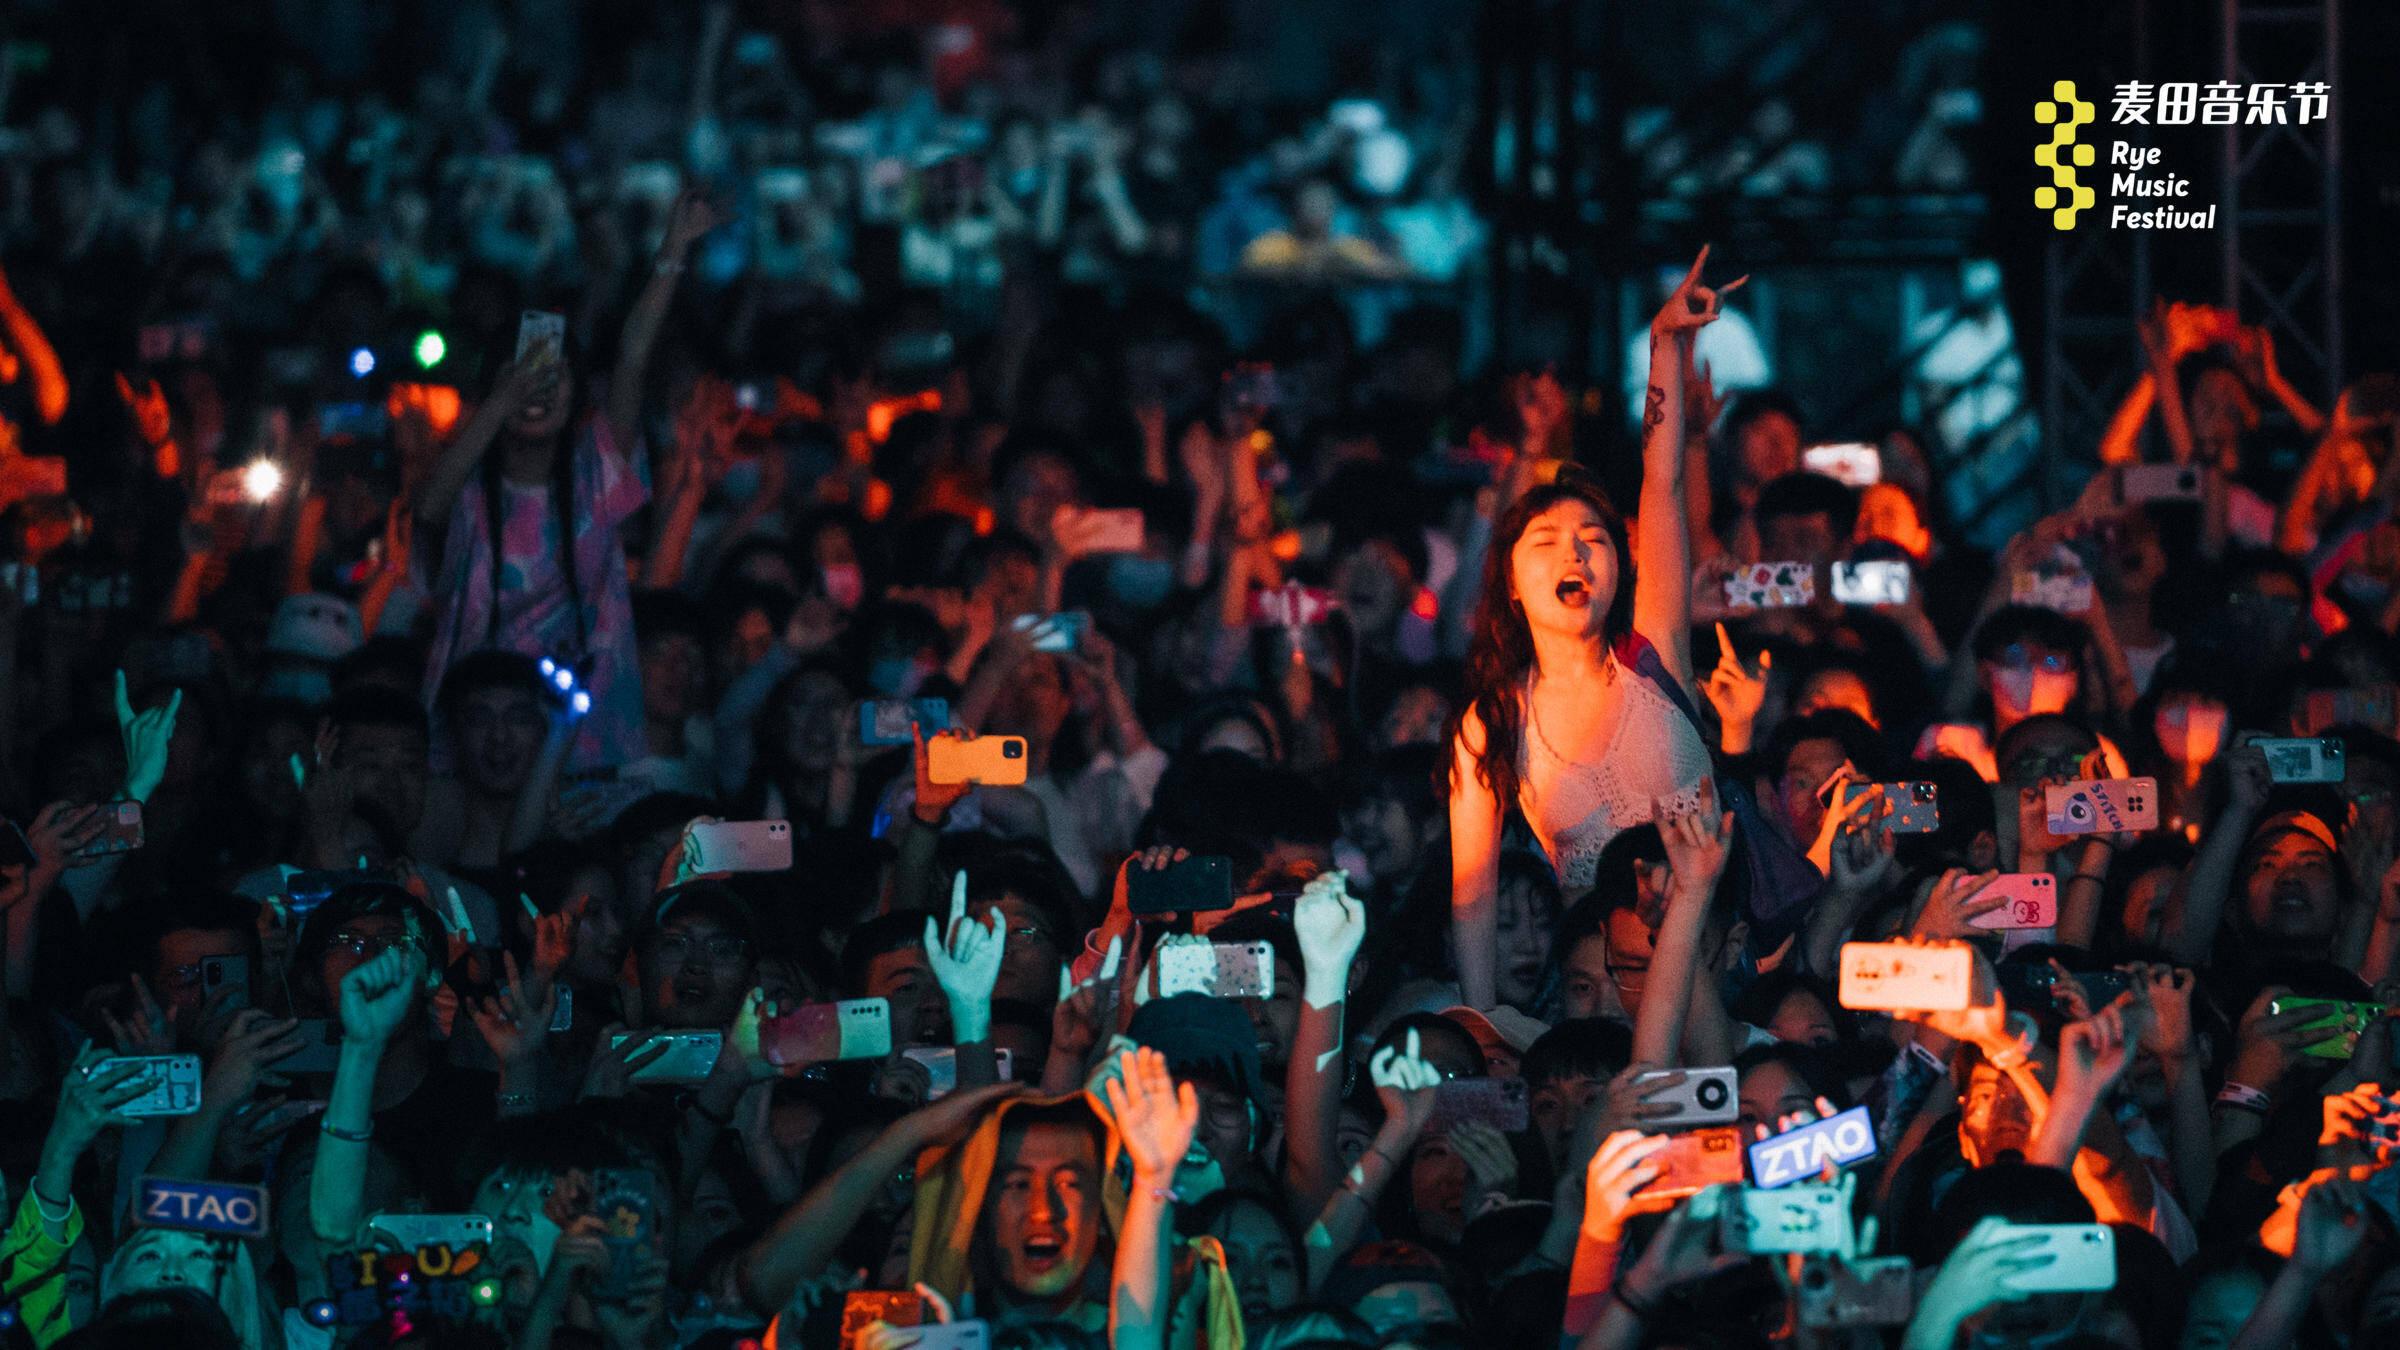 """青岛麦田音乐节圆满举办  """"麦田""""以音乐赋能 期待再会即墨"""